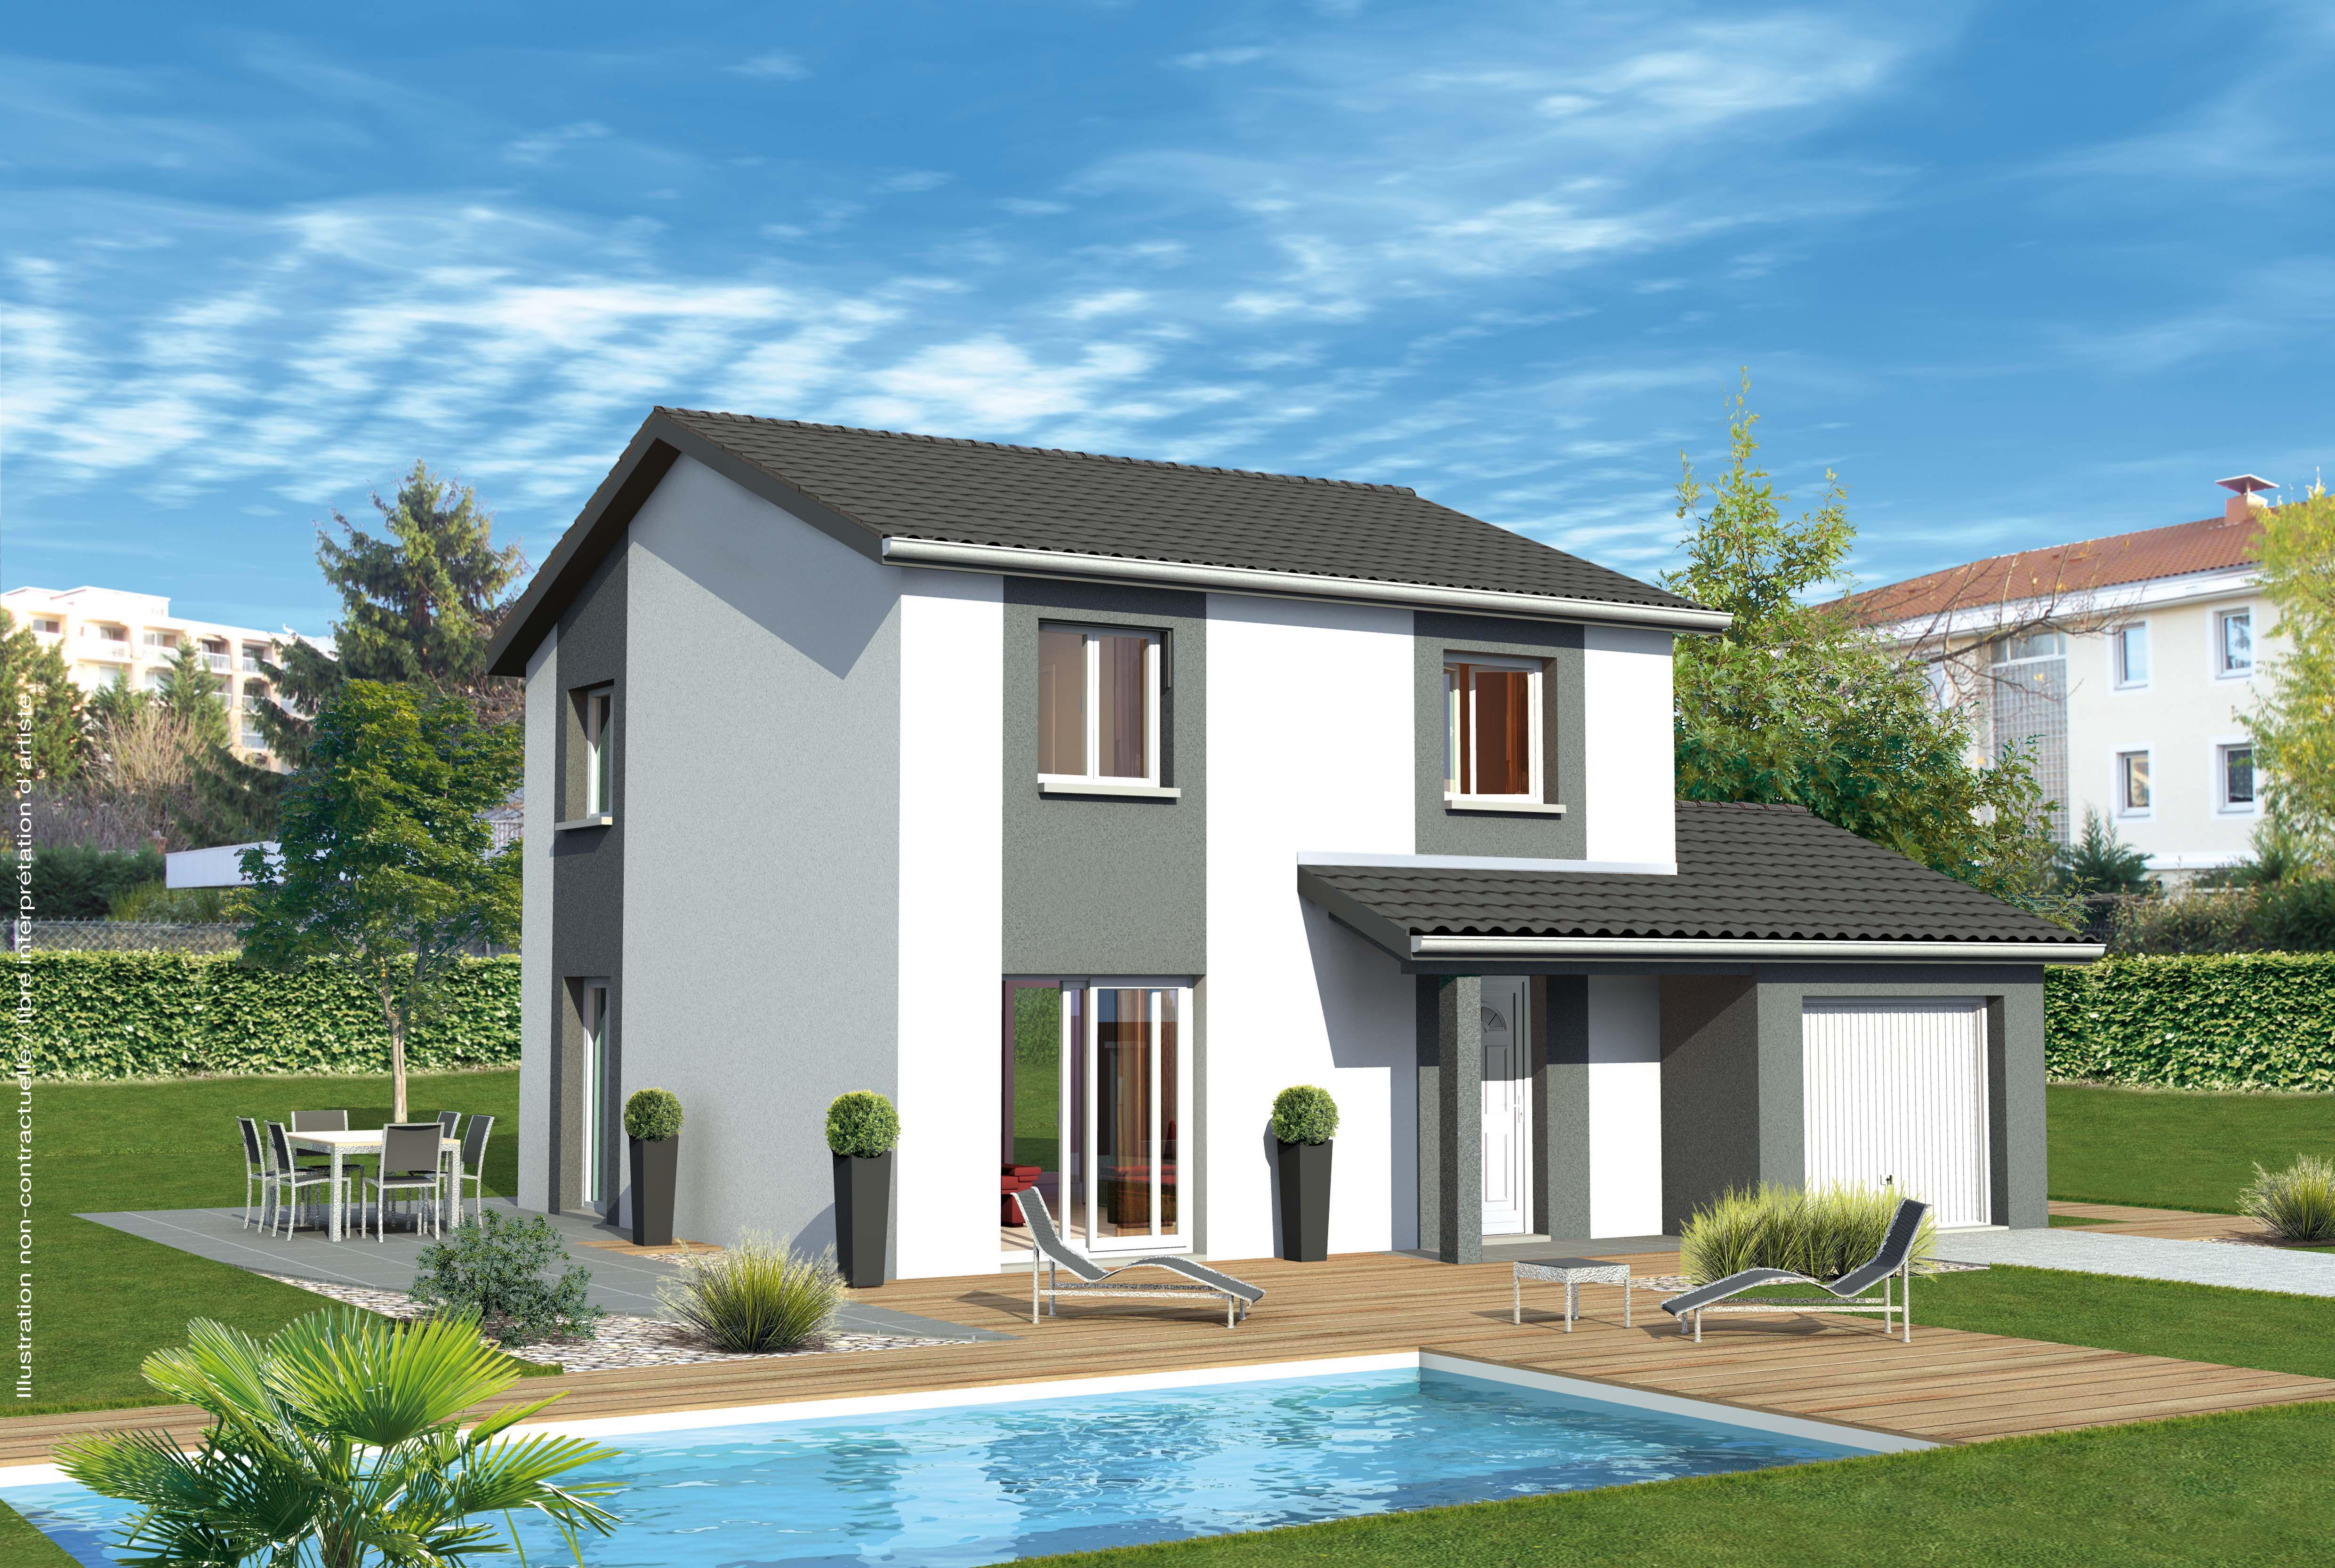 Maisons + Terrains du constructeur MAISONS PUNCH • 93 m² • SAINT VERAND